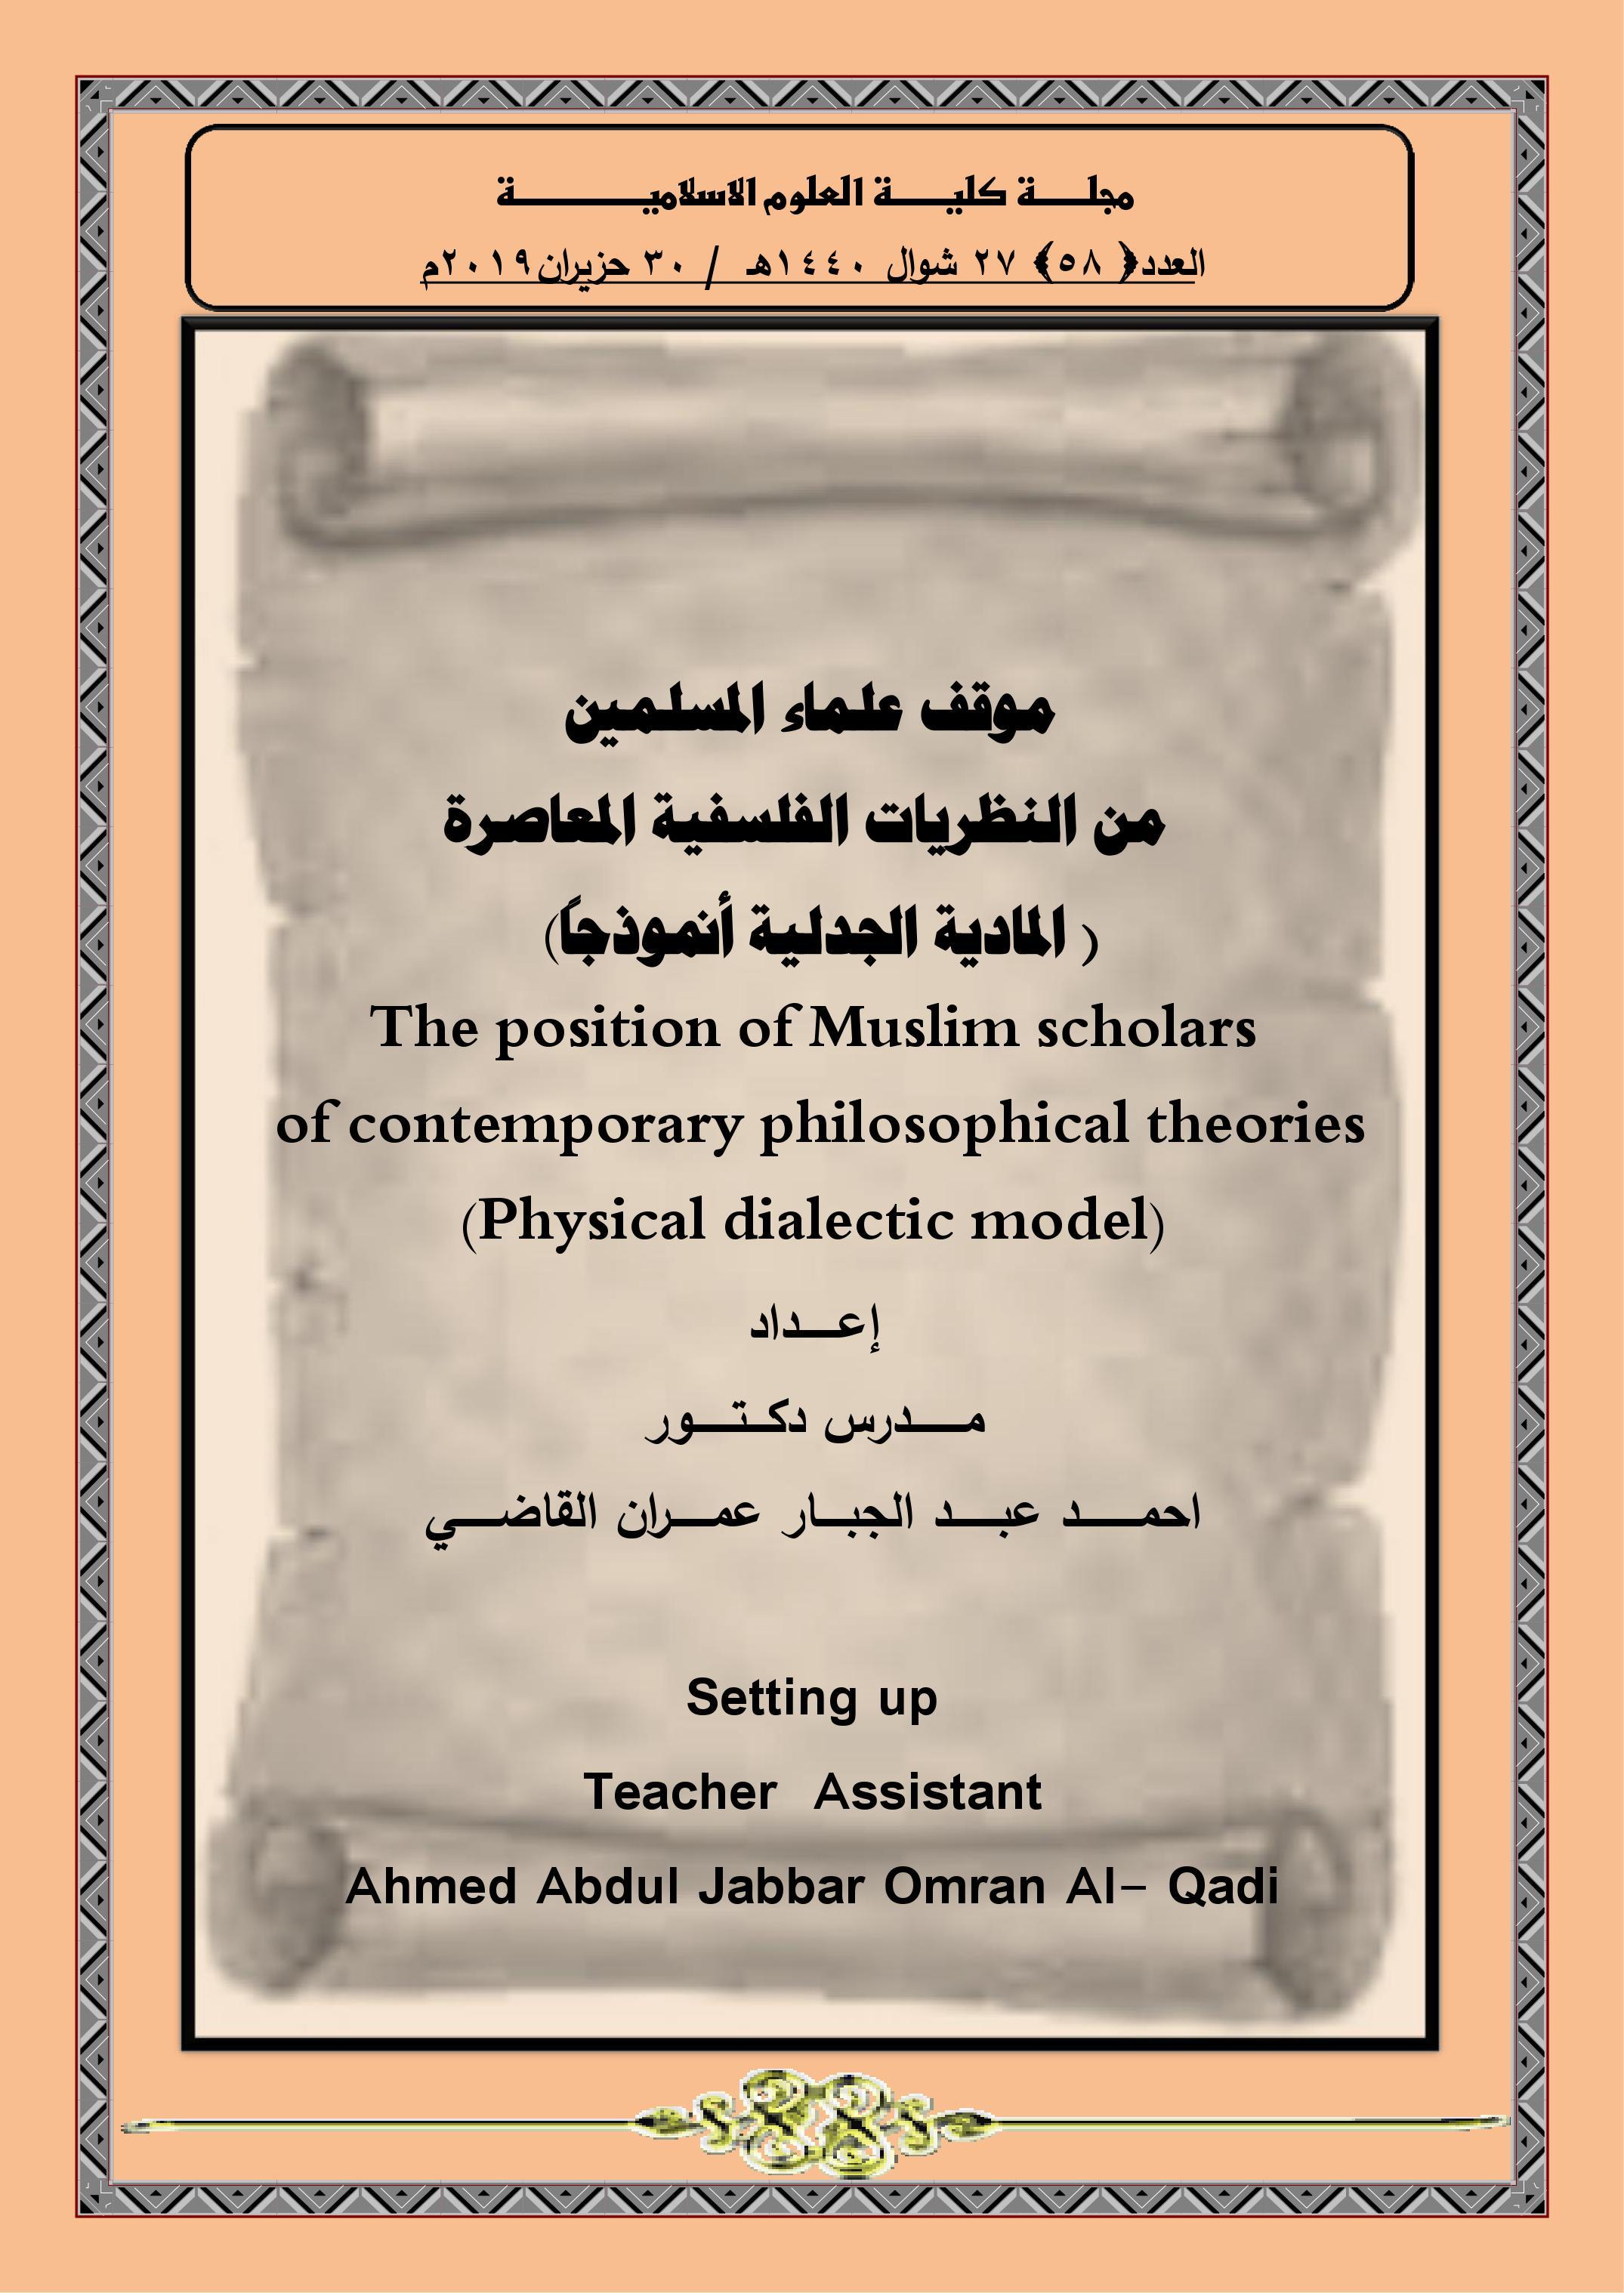 موقف علماء المسلمين  من النظريات الفلسفية المعاصرة ( المادية الجدلية أنموذجاً